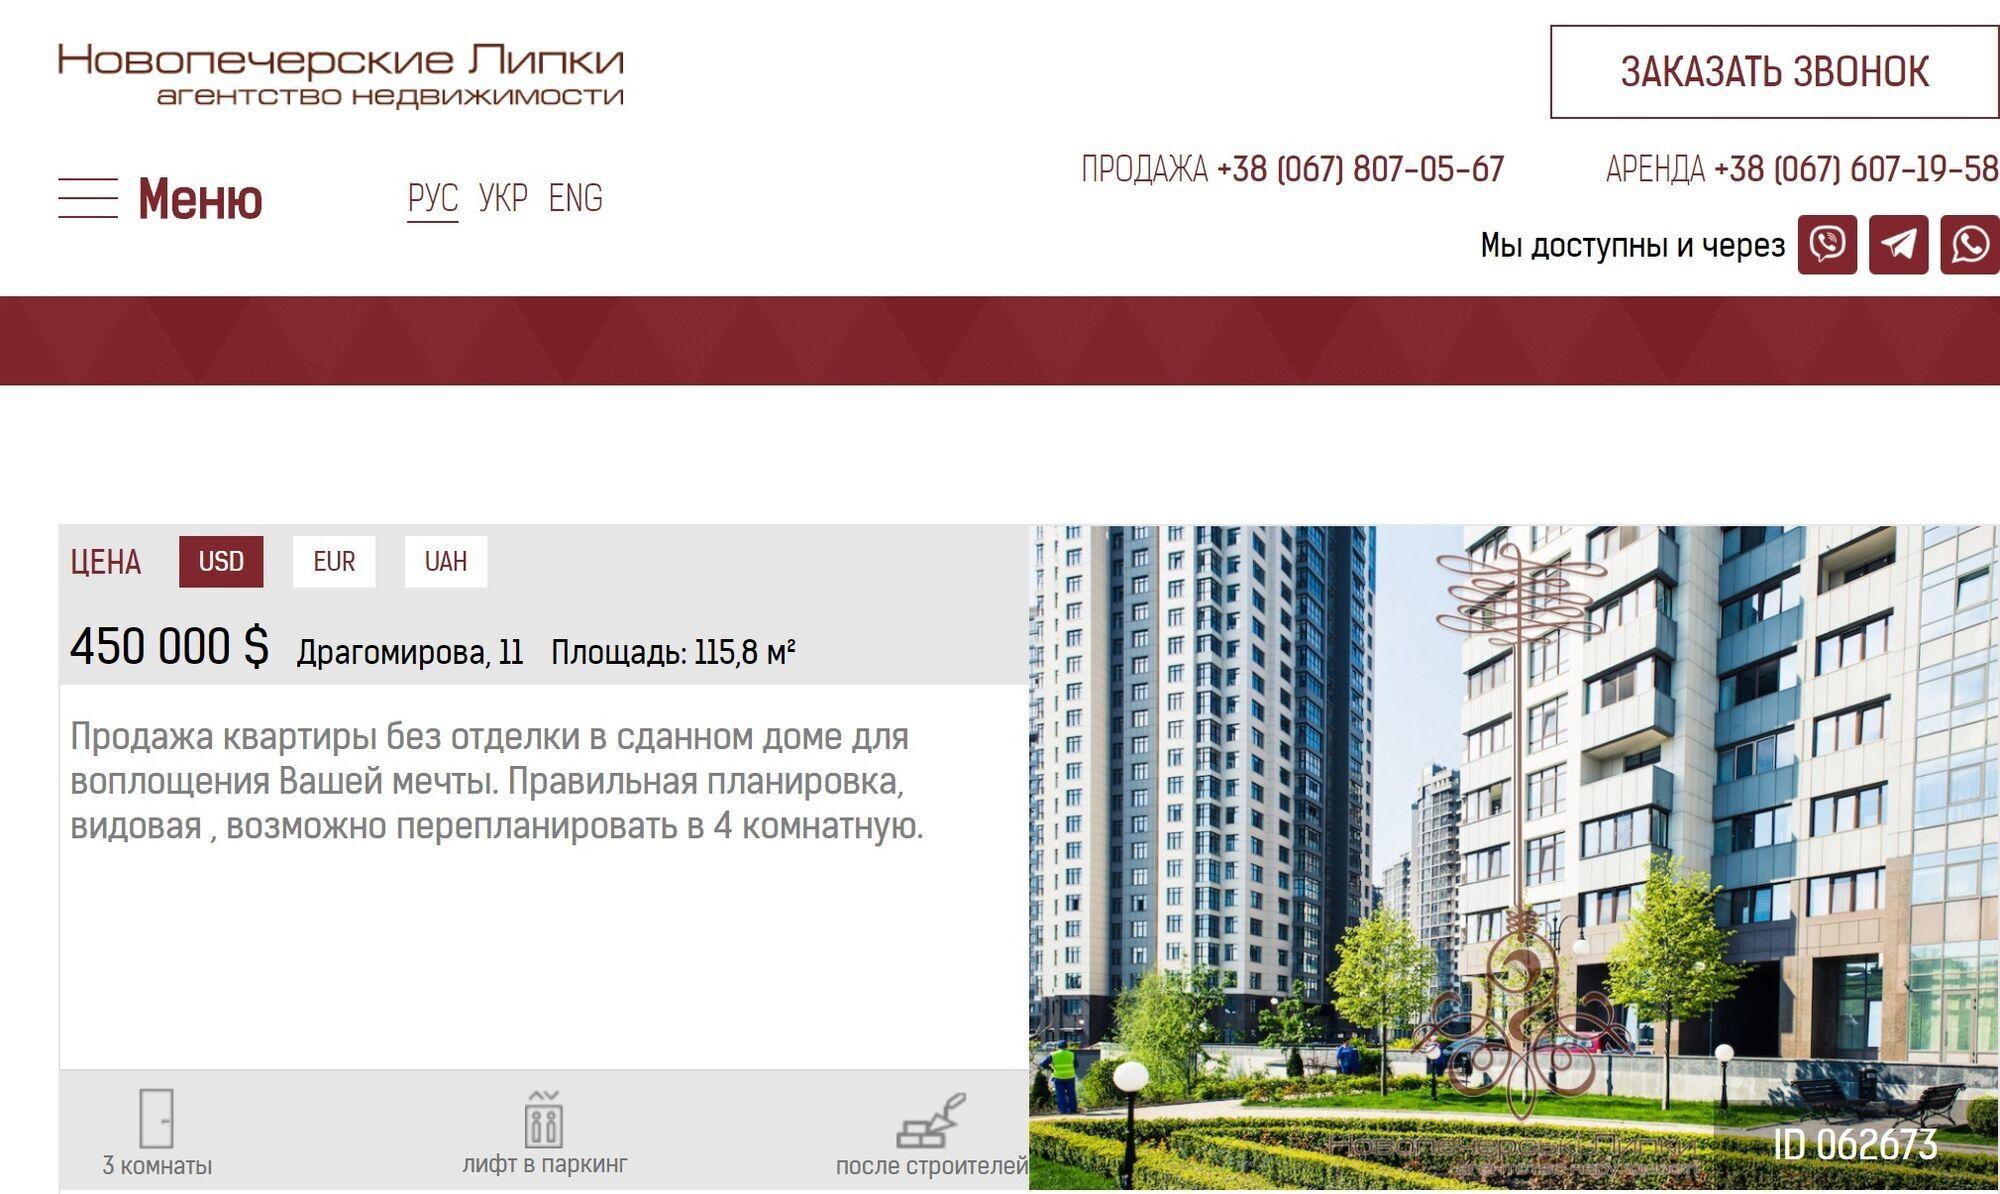 """Стоимость жилья в """"Новопечерских Липках"""""""